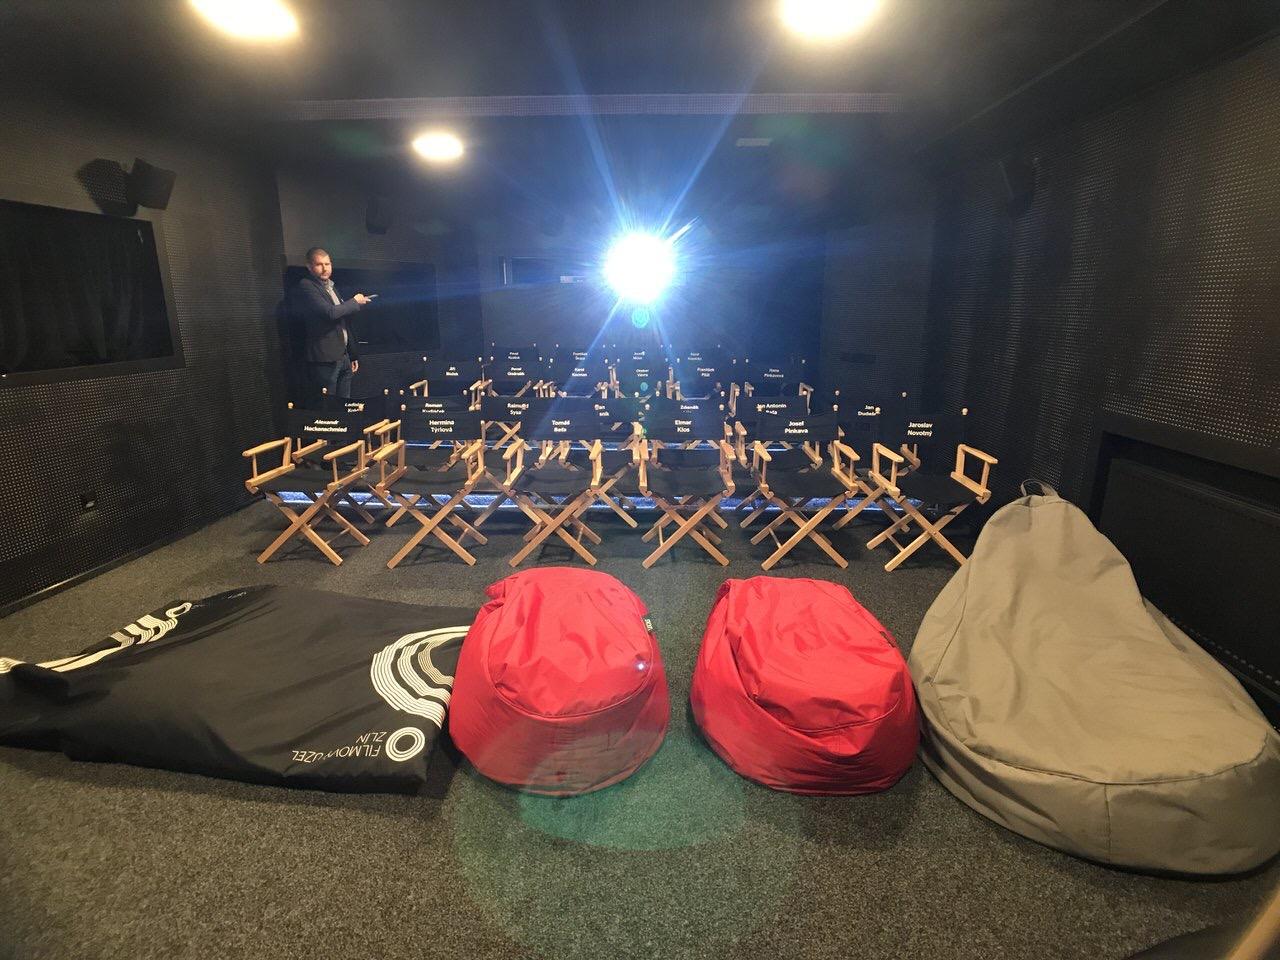 ズリーンのフィルムスタジオ「FILMOVY UZEL ZLIN(フォルモヴィー・ウゼル・ズリーン)」ストップモーションアニメ作成体験